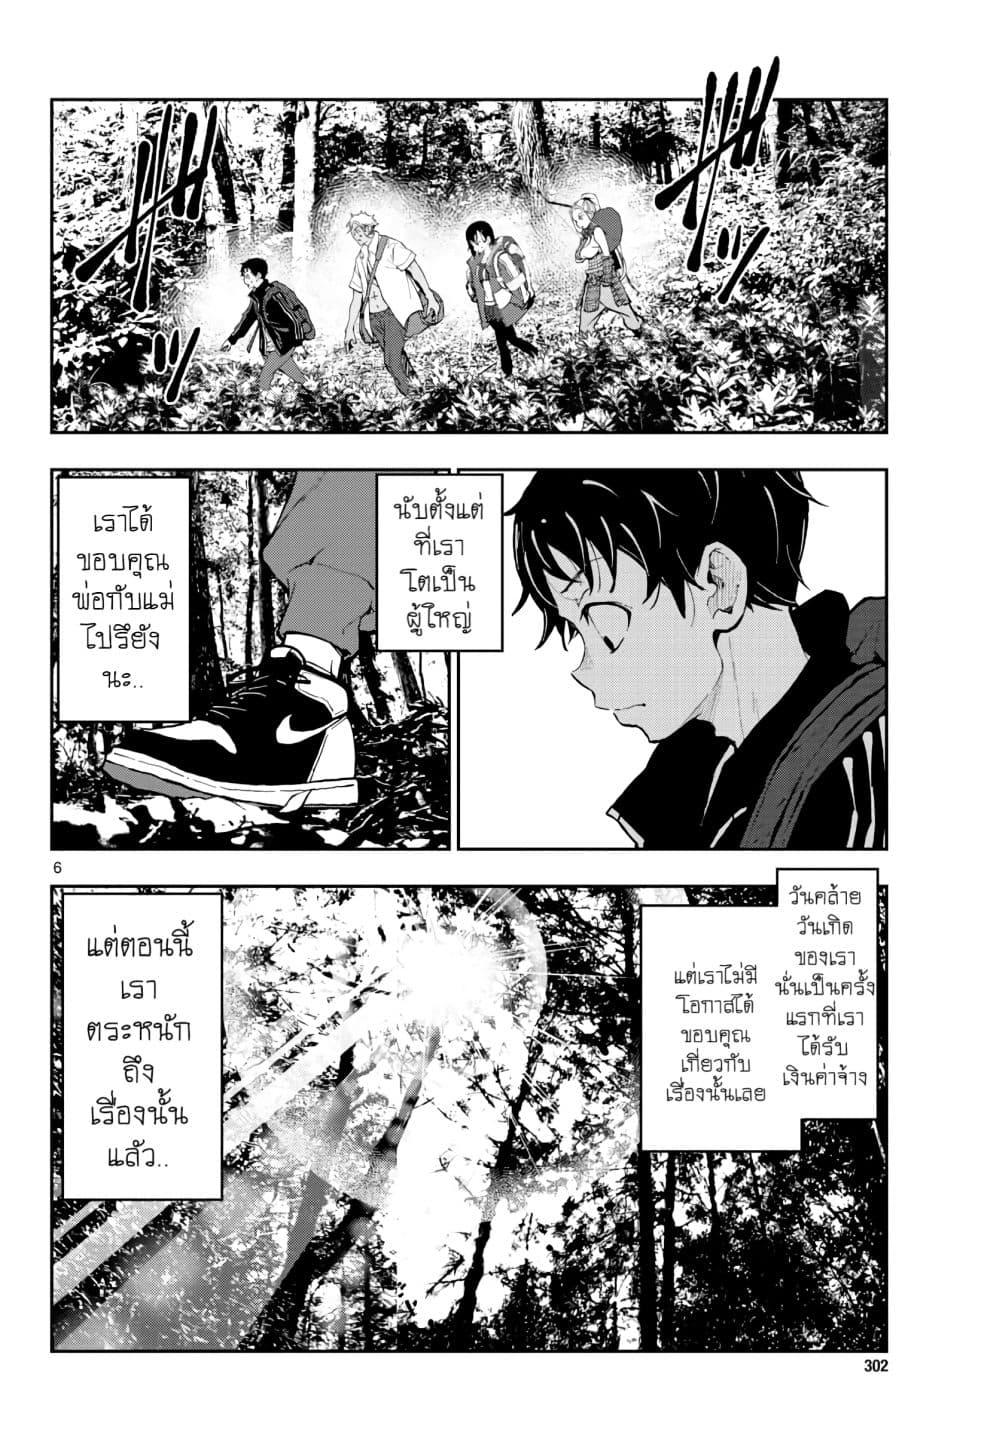 อ่านการ์ตูน Zombie 100 Zombie Ni Naru Made Ni Shitai 100 no koto ตอนที่ 15 หน้าที่ 5